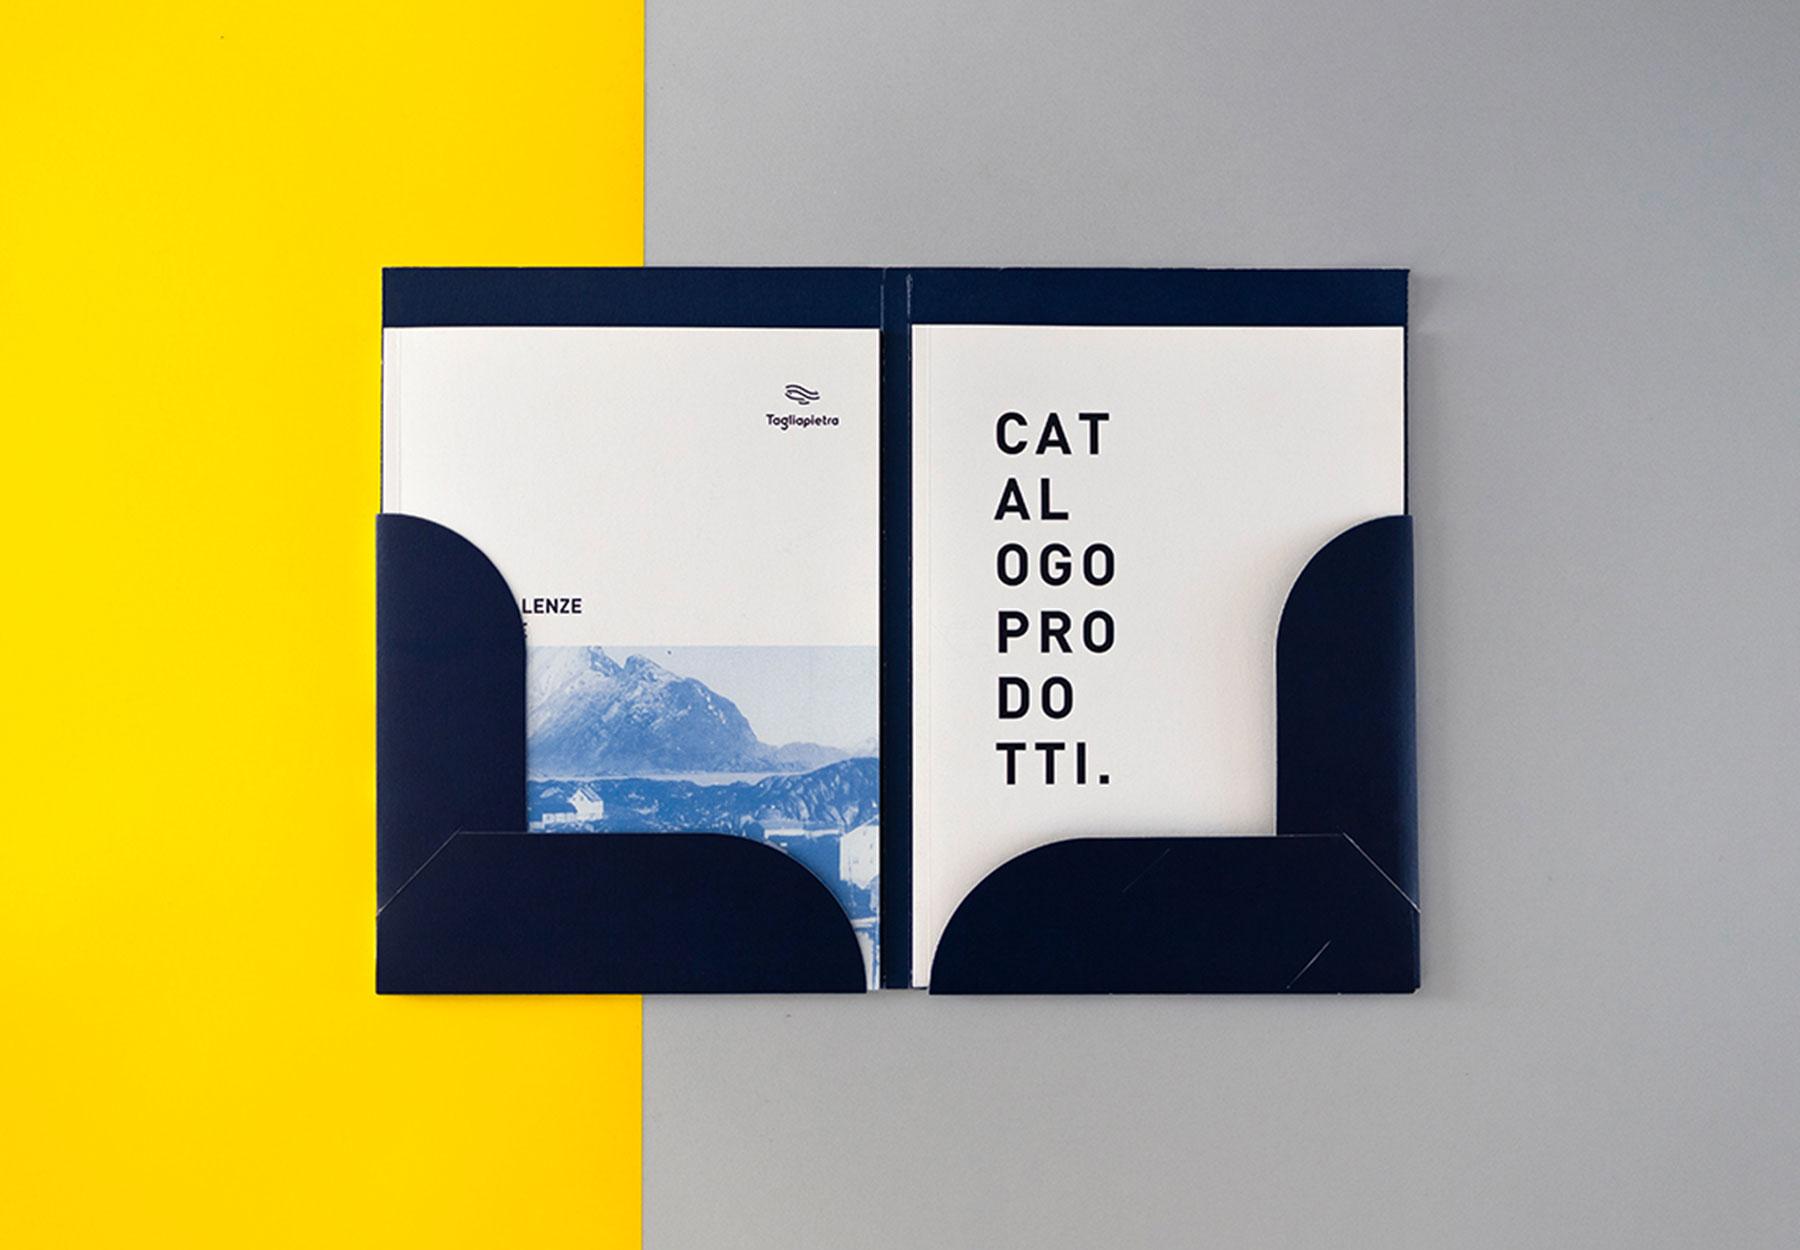 progettazione company profile e catalogo tagliapietra Dry Studio